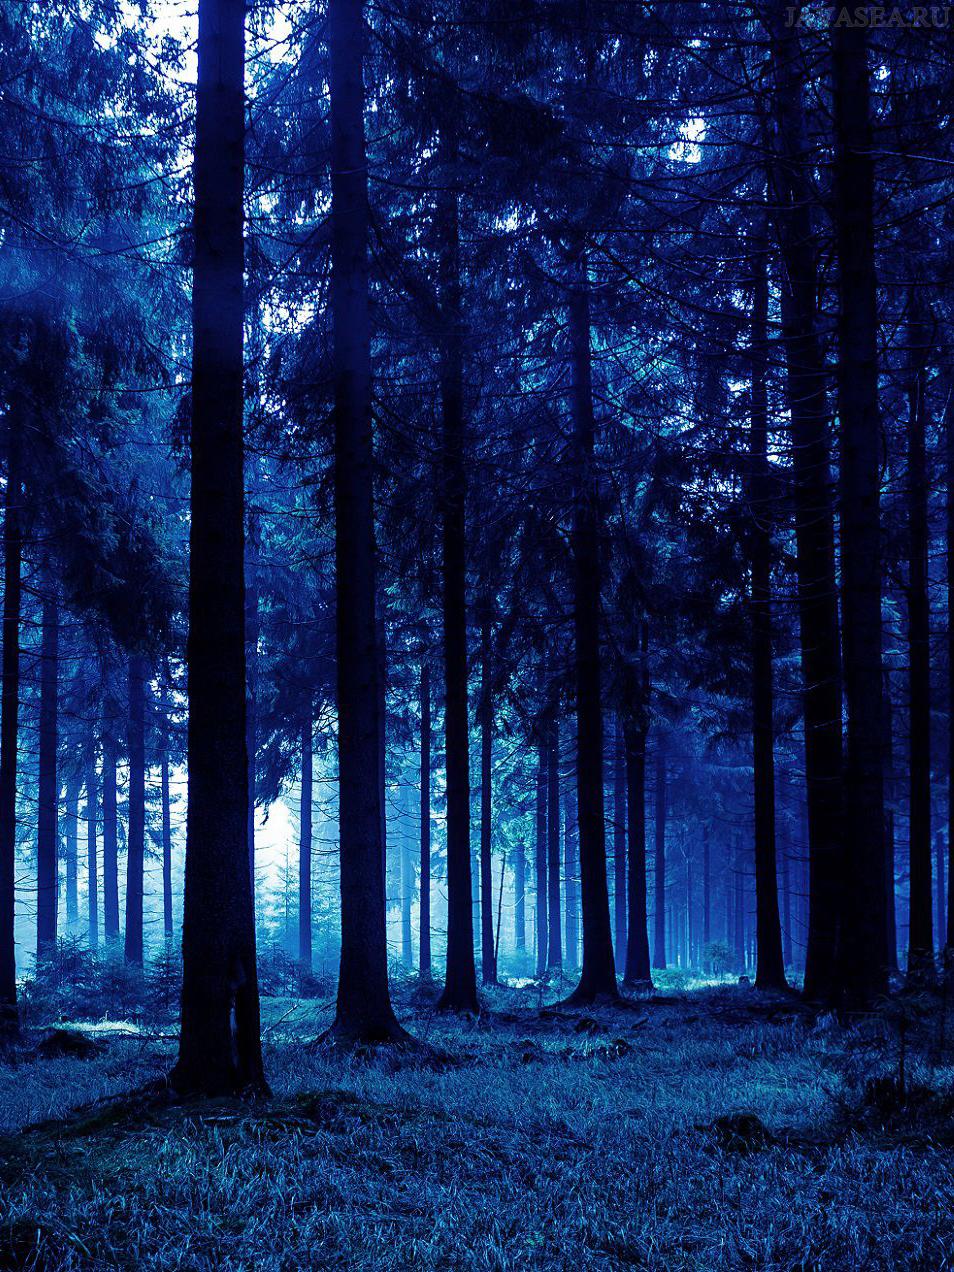 Скачать картинку Синий лес бесплатно